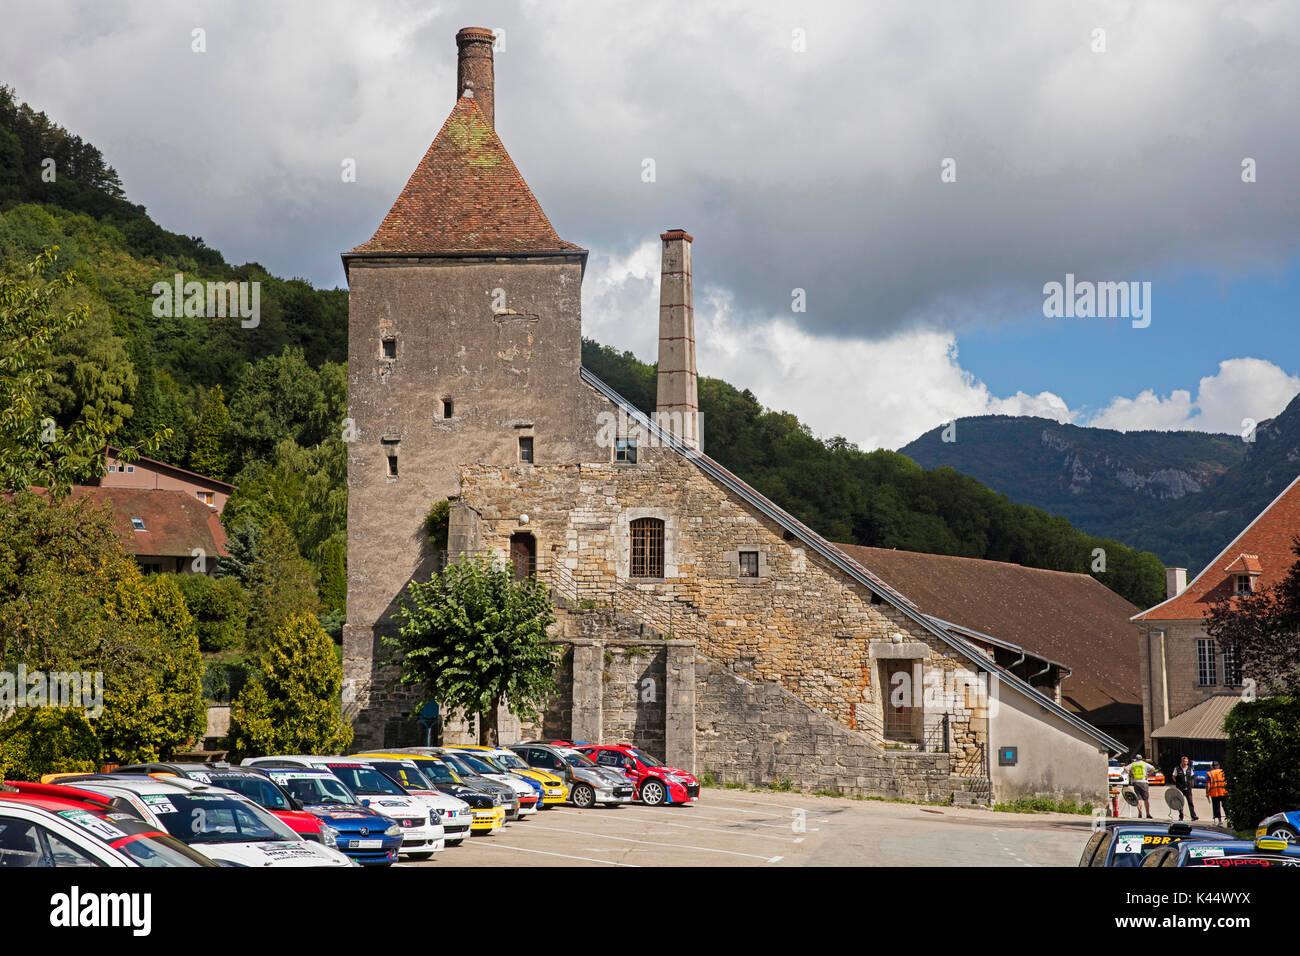 Voitures de rallye du Rallye du sel en face de la grande saline, ancienne usine de sel à Salins-les-Bains, Jura, Franche-Comté, Lons-le-Saunier, France Photo Stock